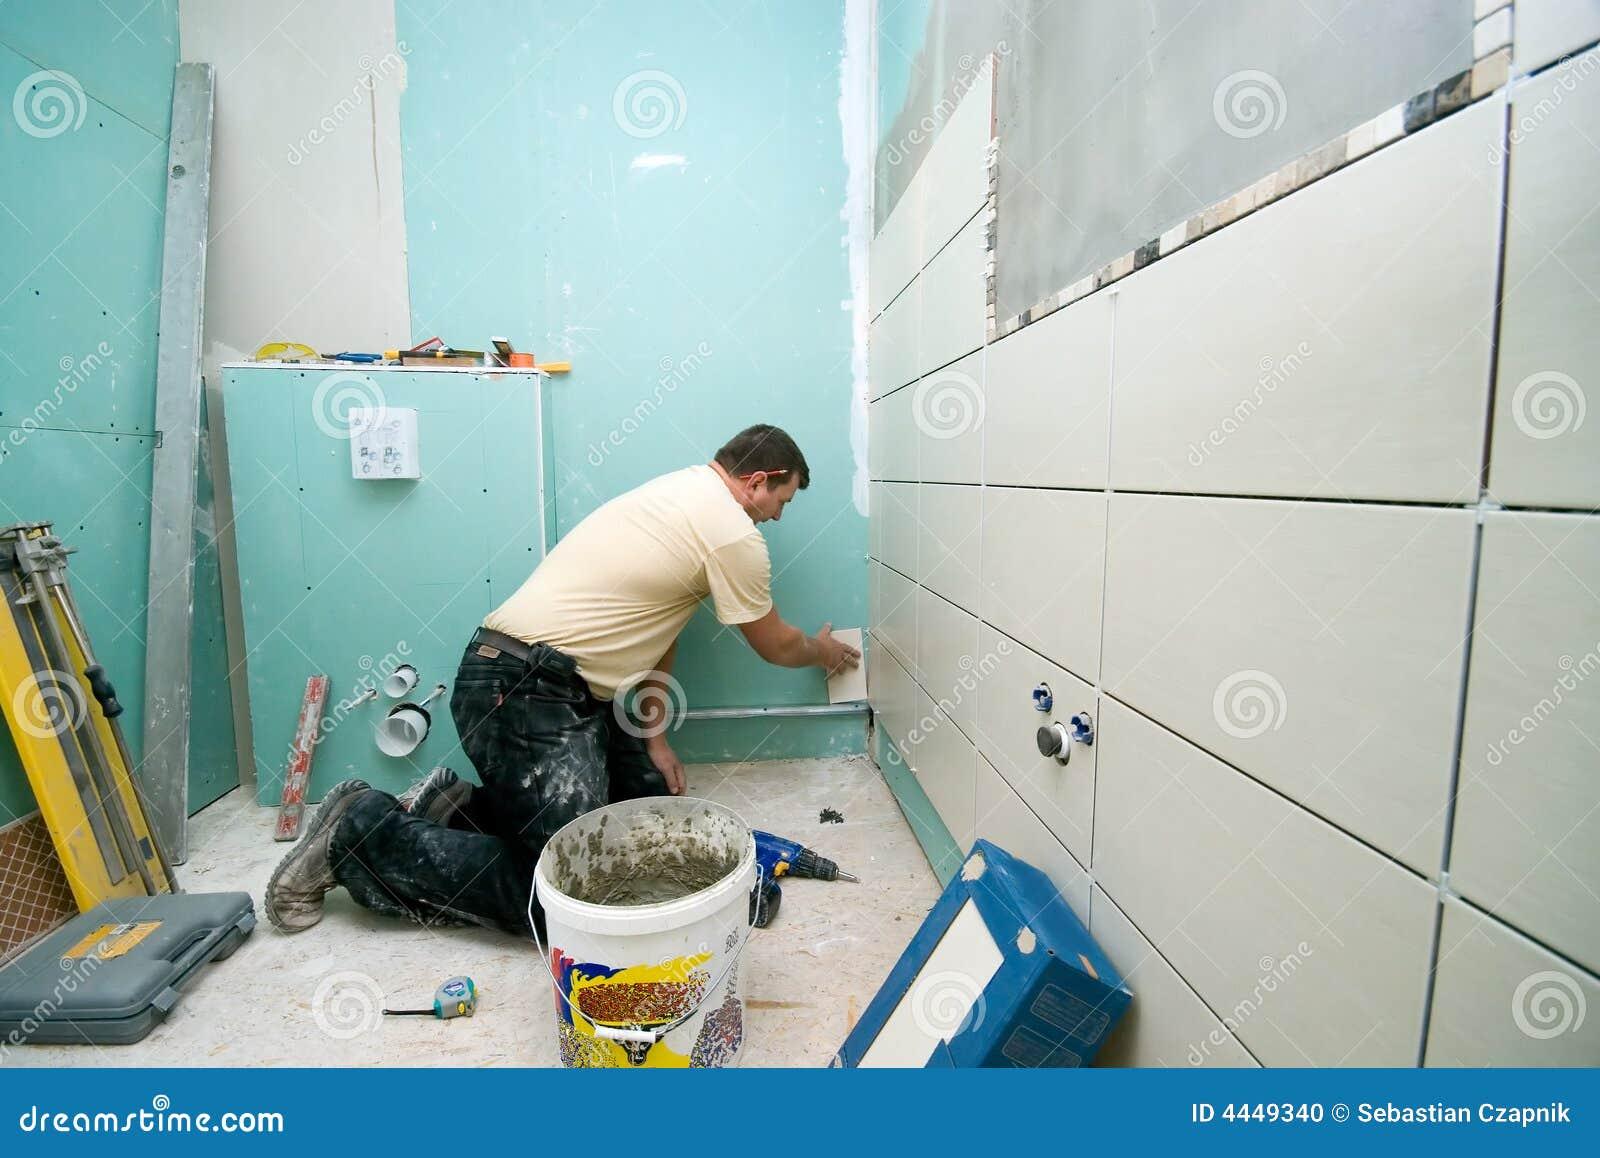 Badezimmer deckt Erneuerung mit Ziegeln